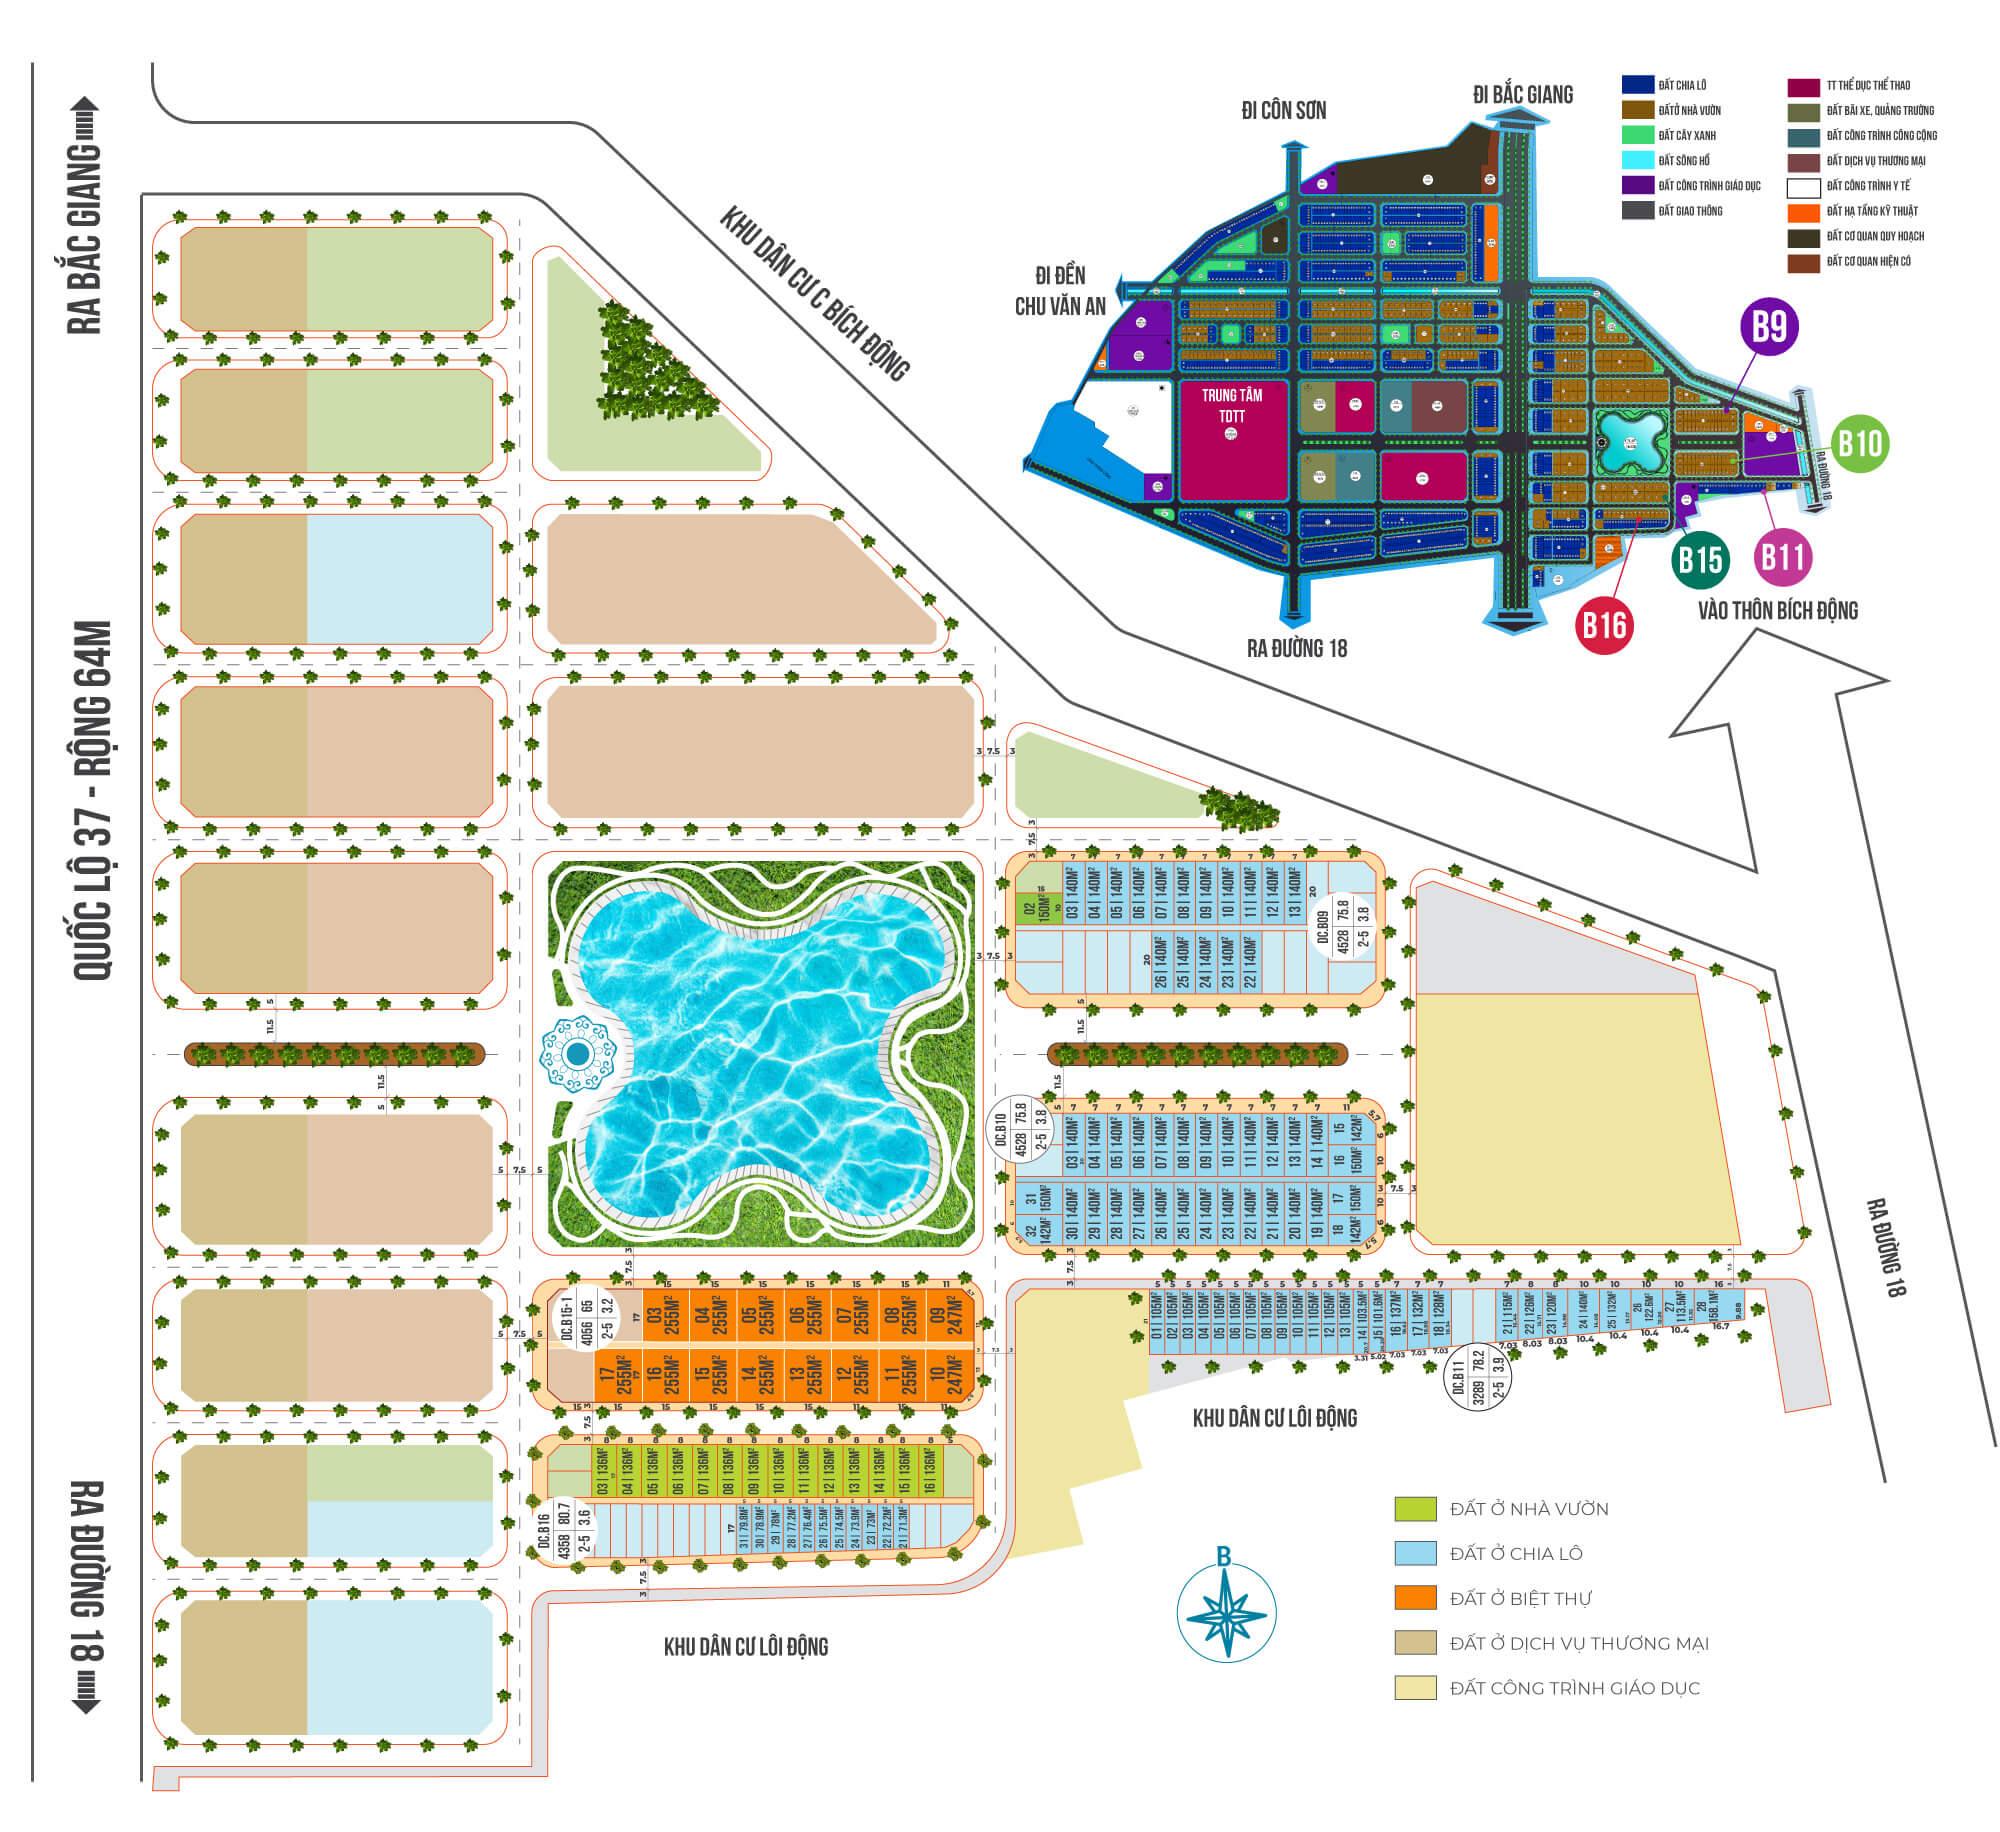 mặt bằng phân lô dự án chí linh palm city hải dương